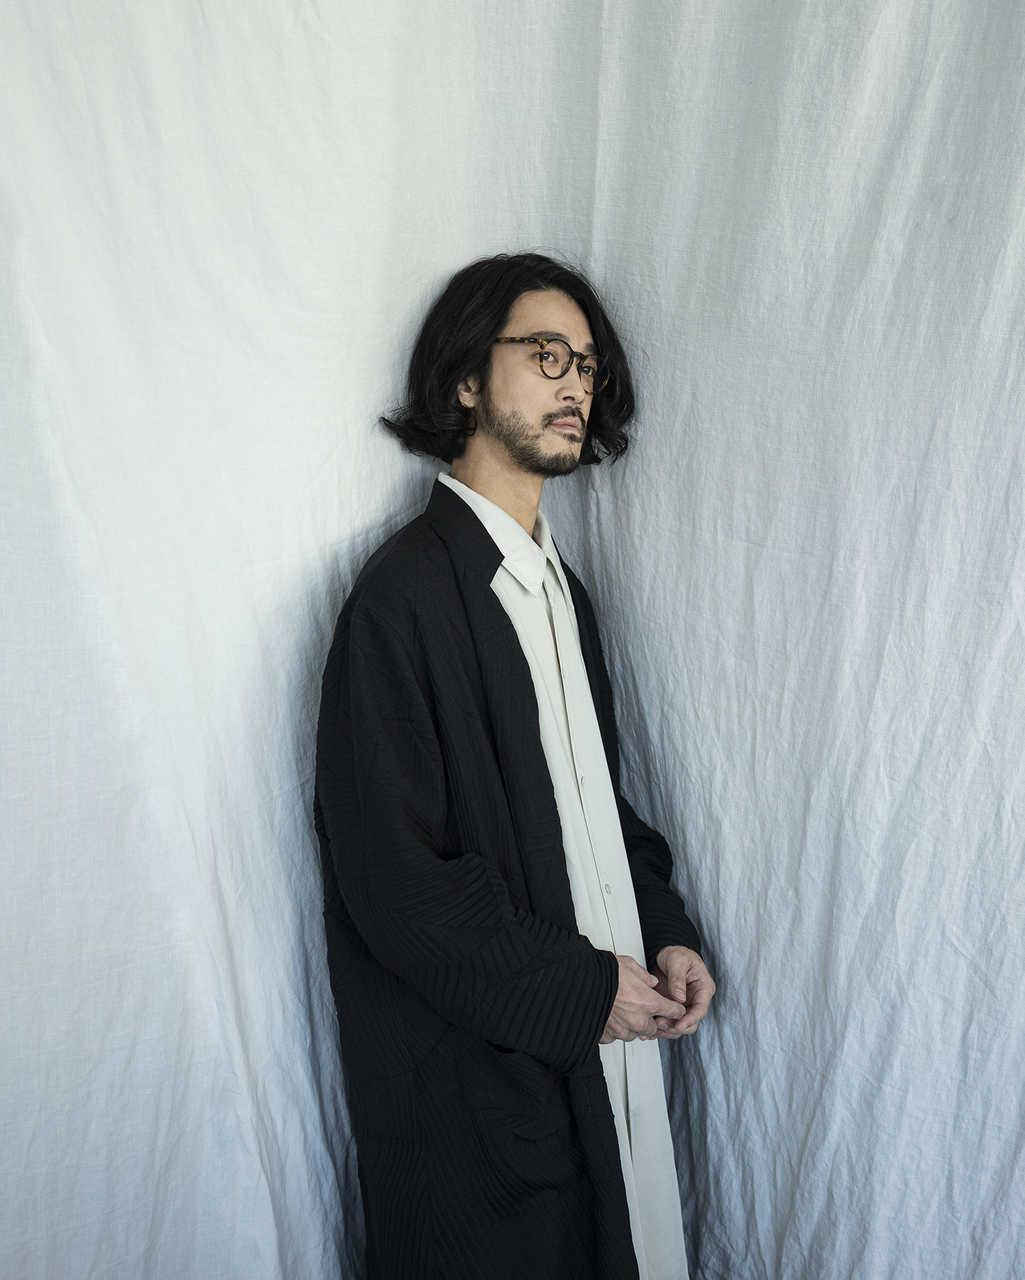 大橋トリオ、「フレシネ」新WEBCMソング「Favorite Rendezvous」をデジタルリリース!